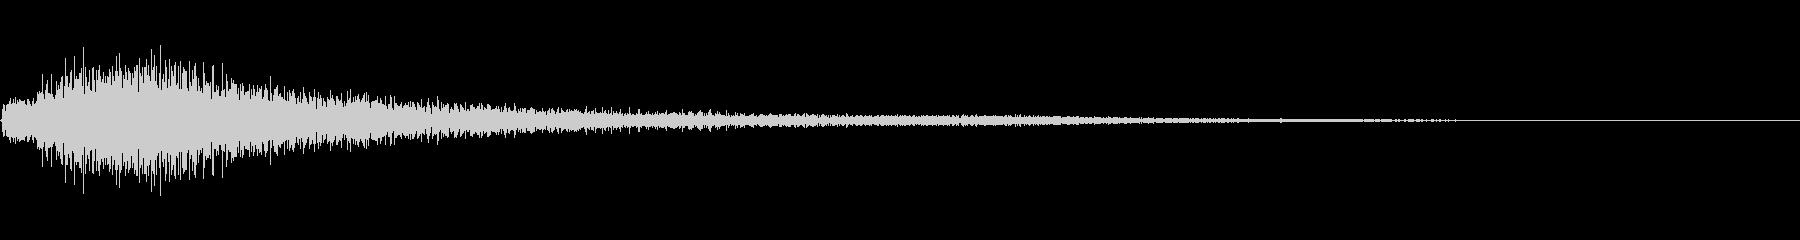 シンプルな低音が効いたピアノジャラーンの未再生の波形